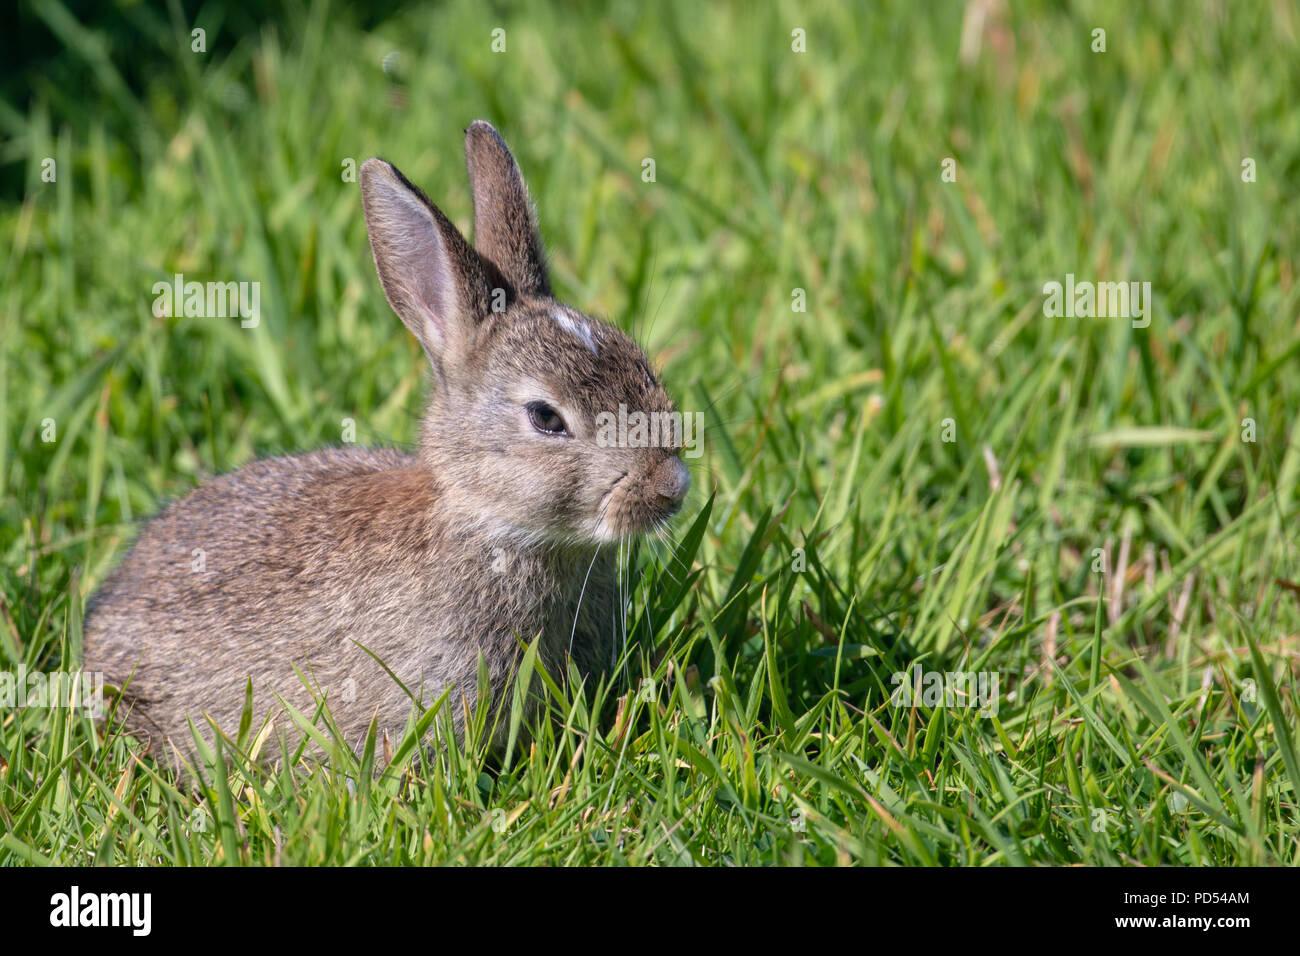 Einem Jungen Kaninchen Im Garten Stockfoto Bild 214628140 Alamy